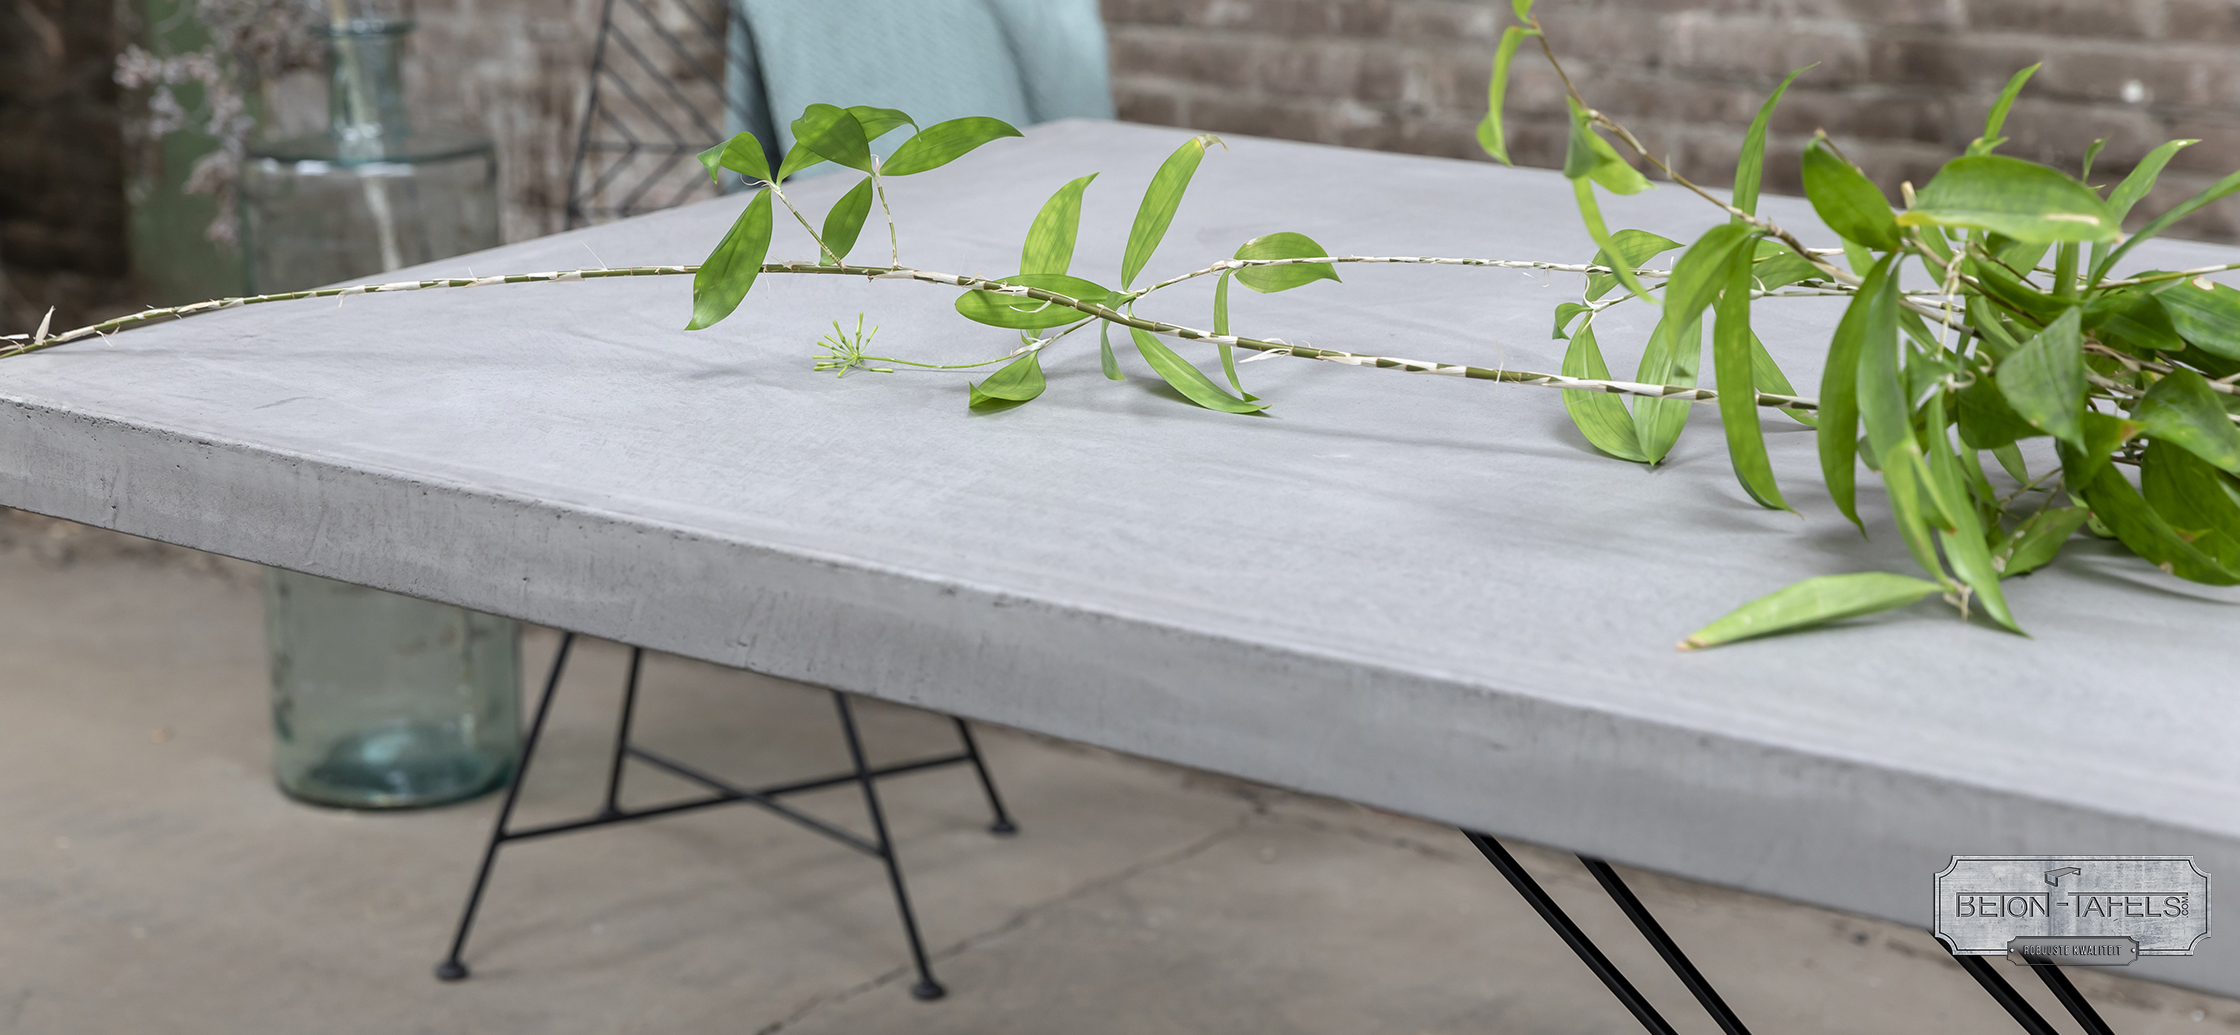 Beton Tafel Buiten : Betonnen tafel buiten nieuw granieten tuintafel met stenen